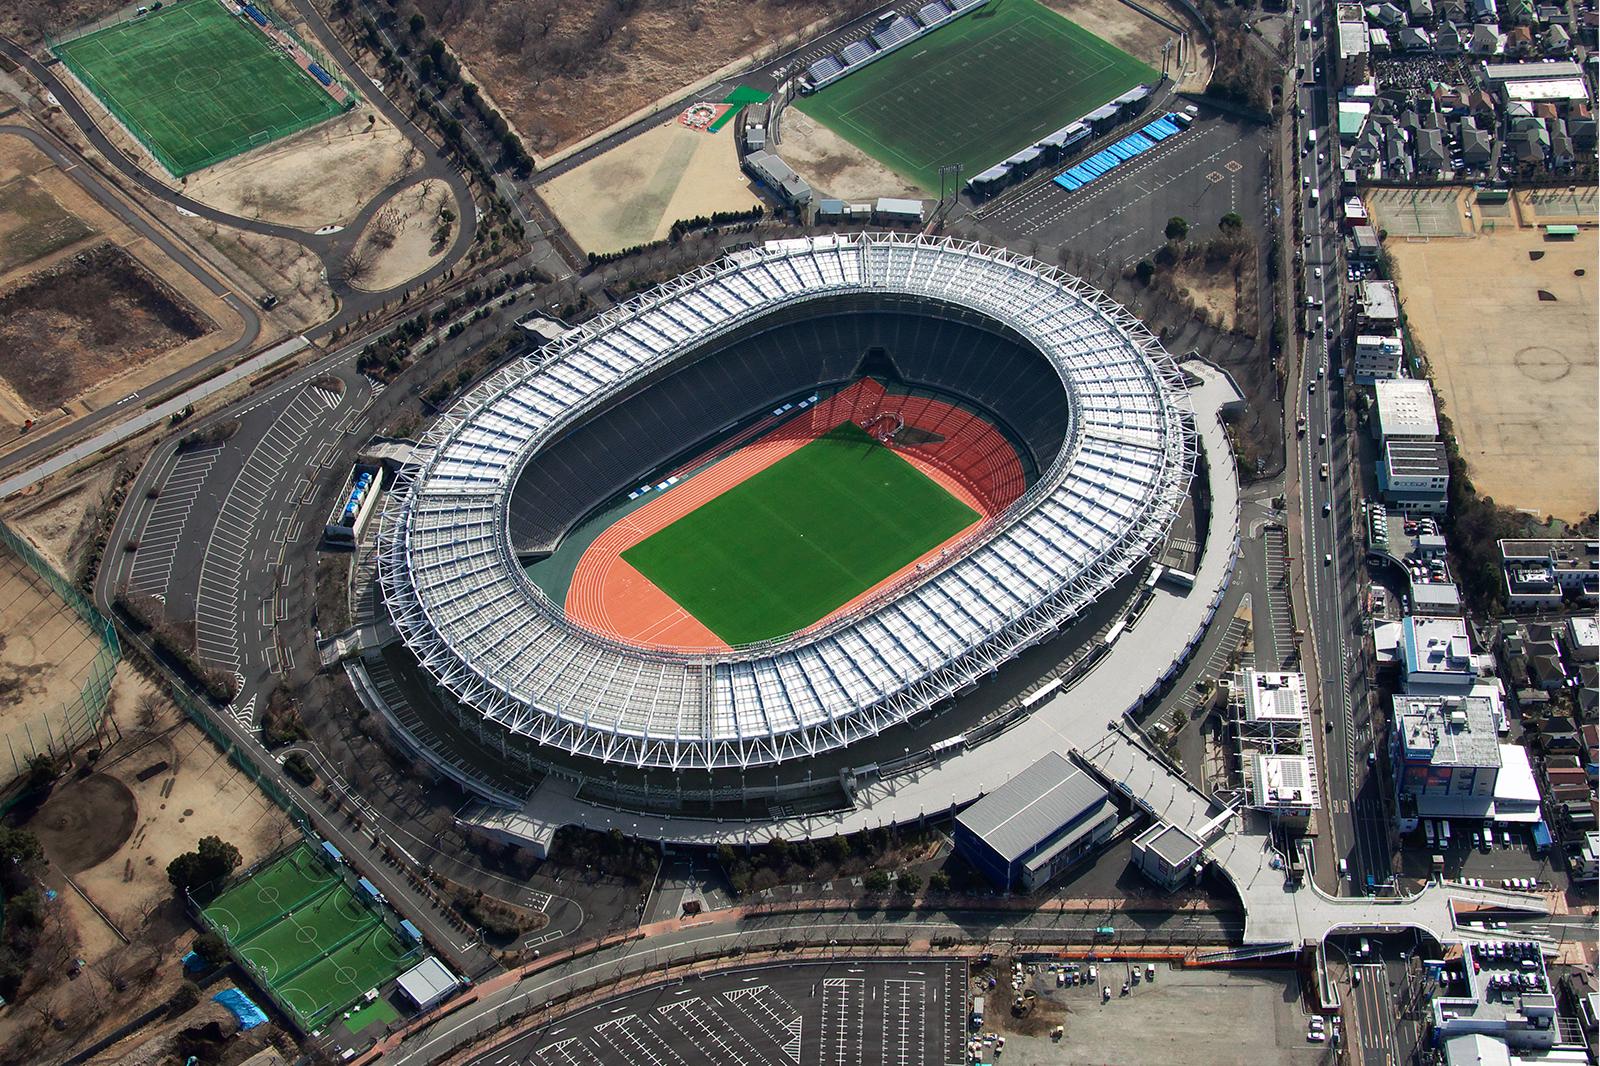 東京スタジアム(現 味の素スタジアム )